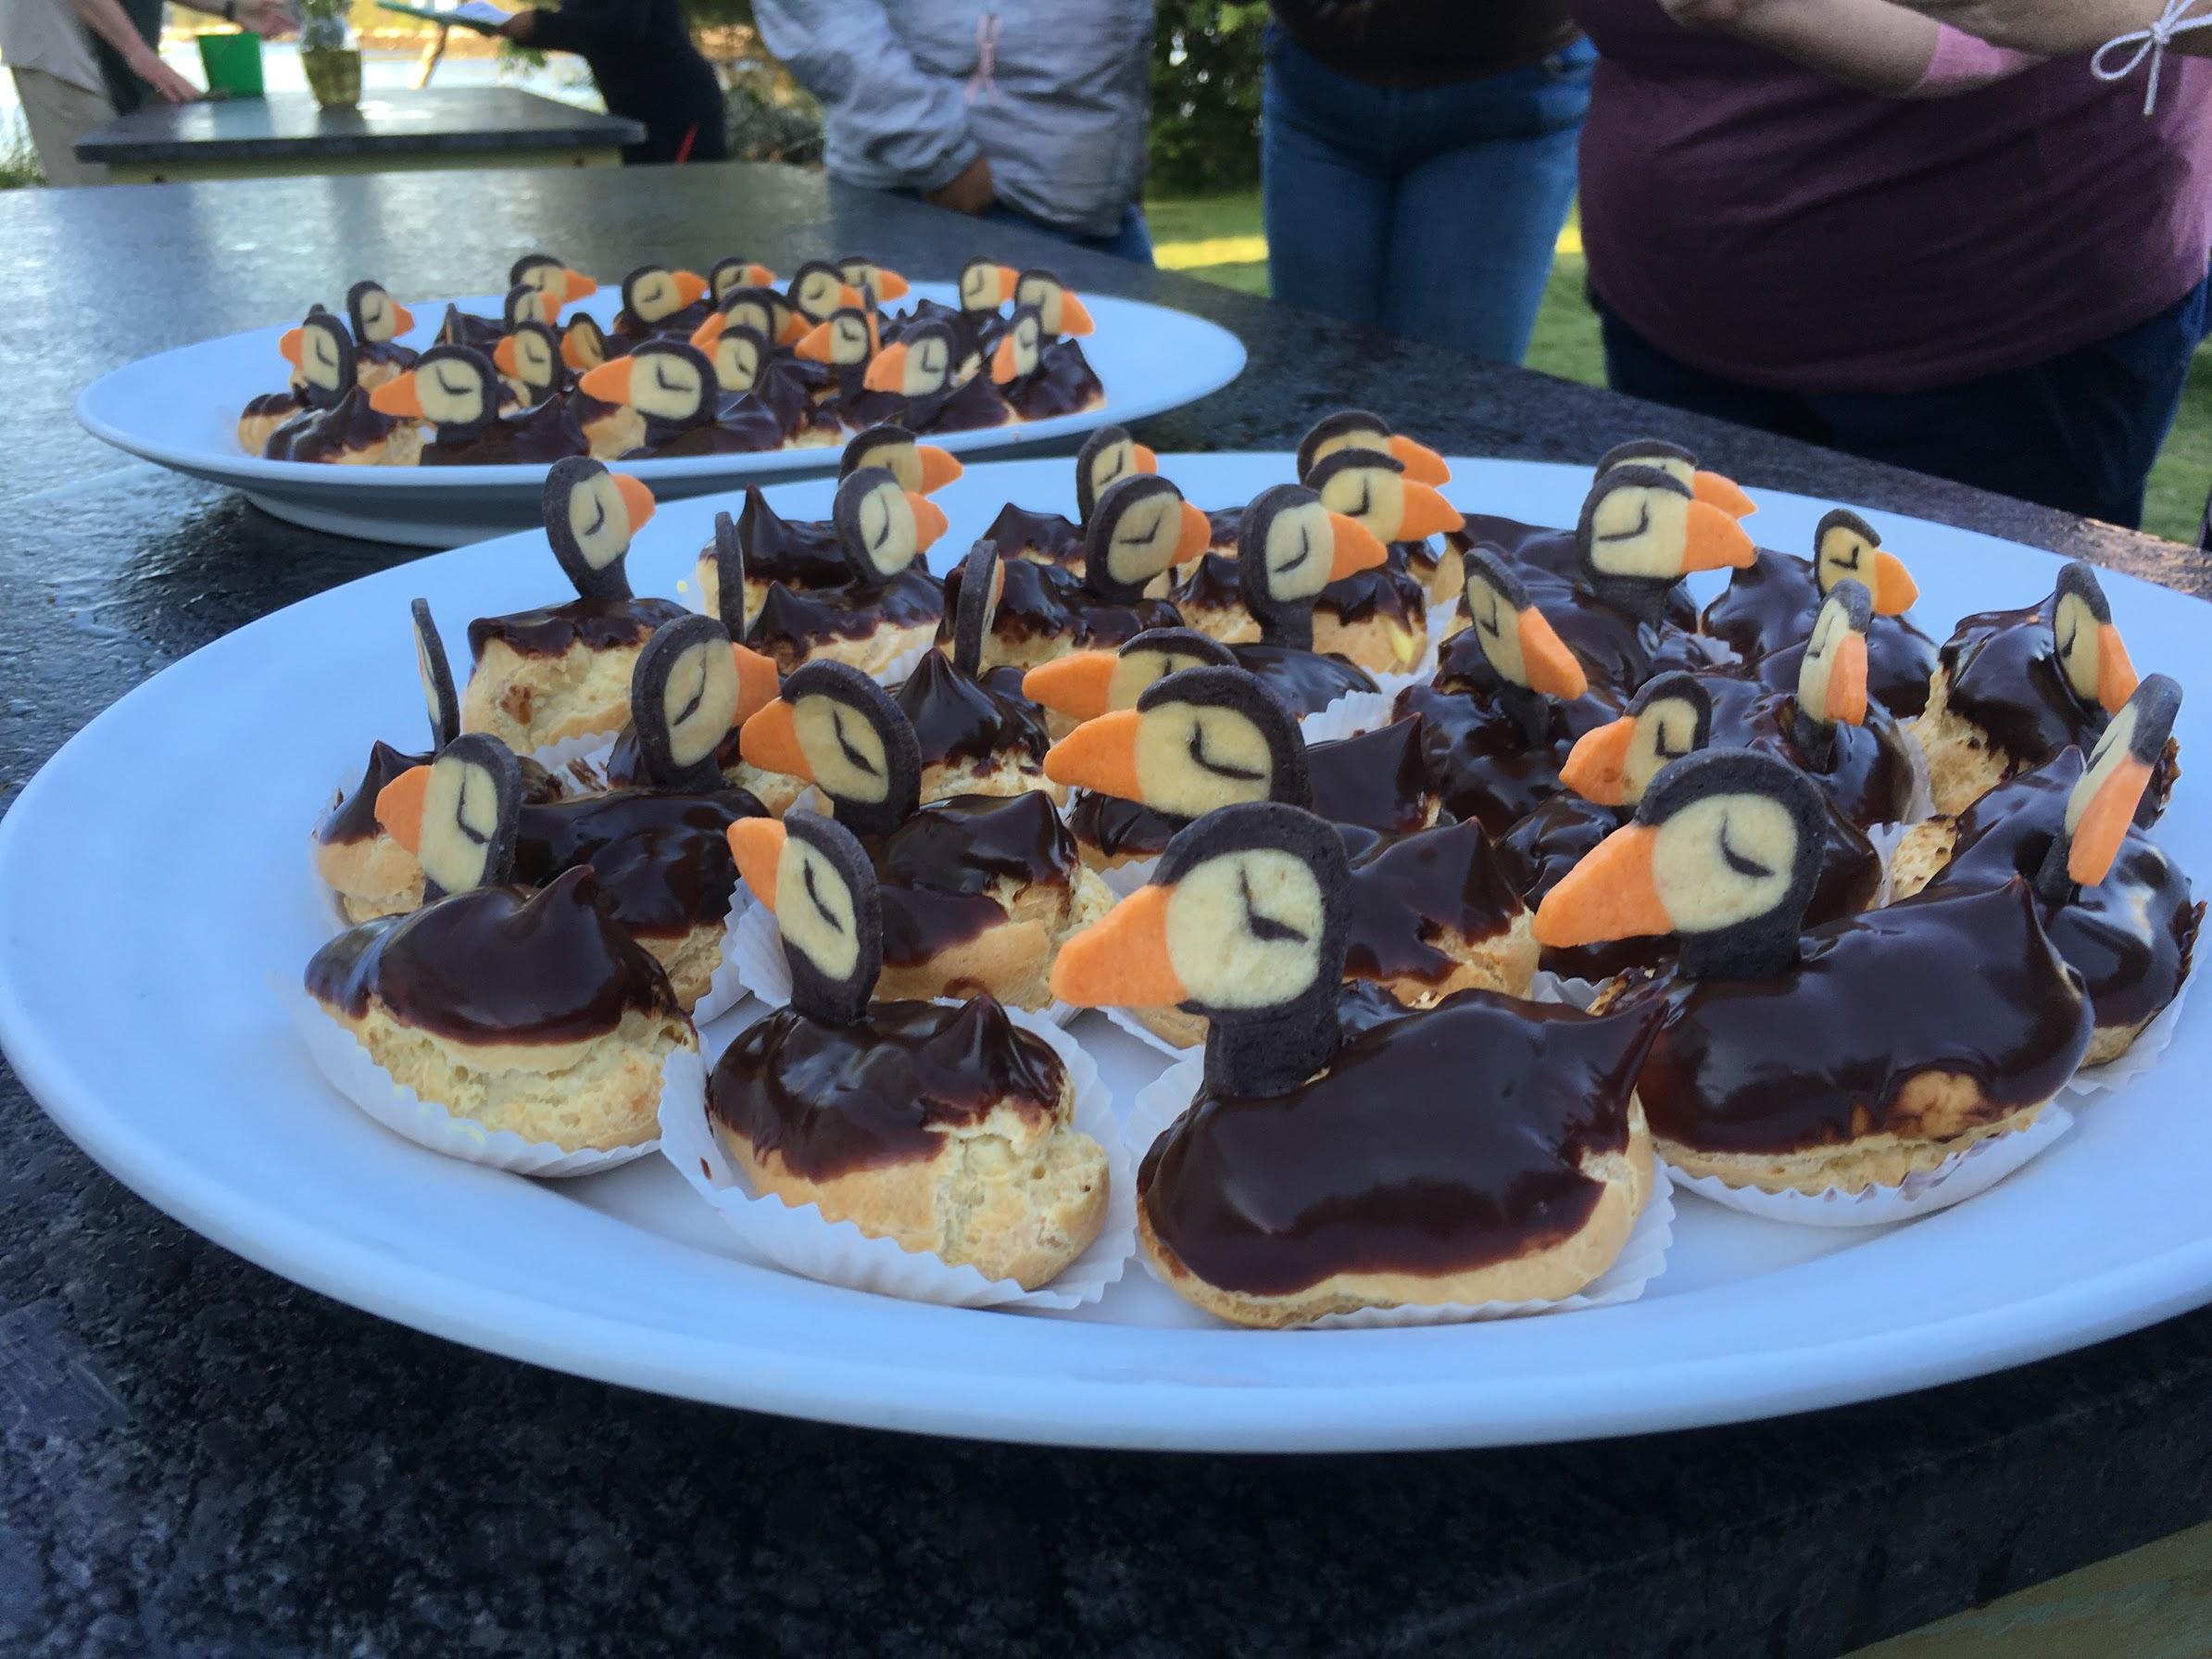 Puffin Desserts, Kirk Treakle